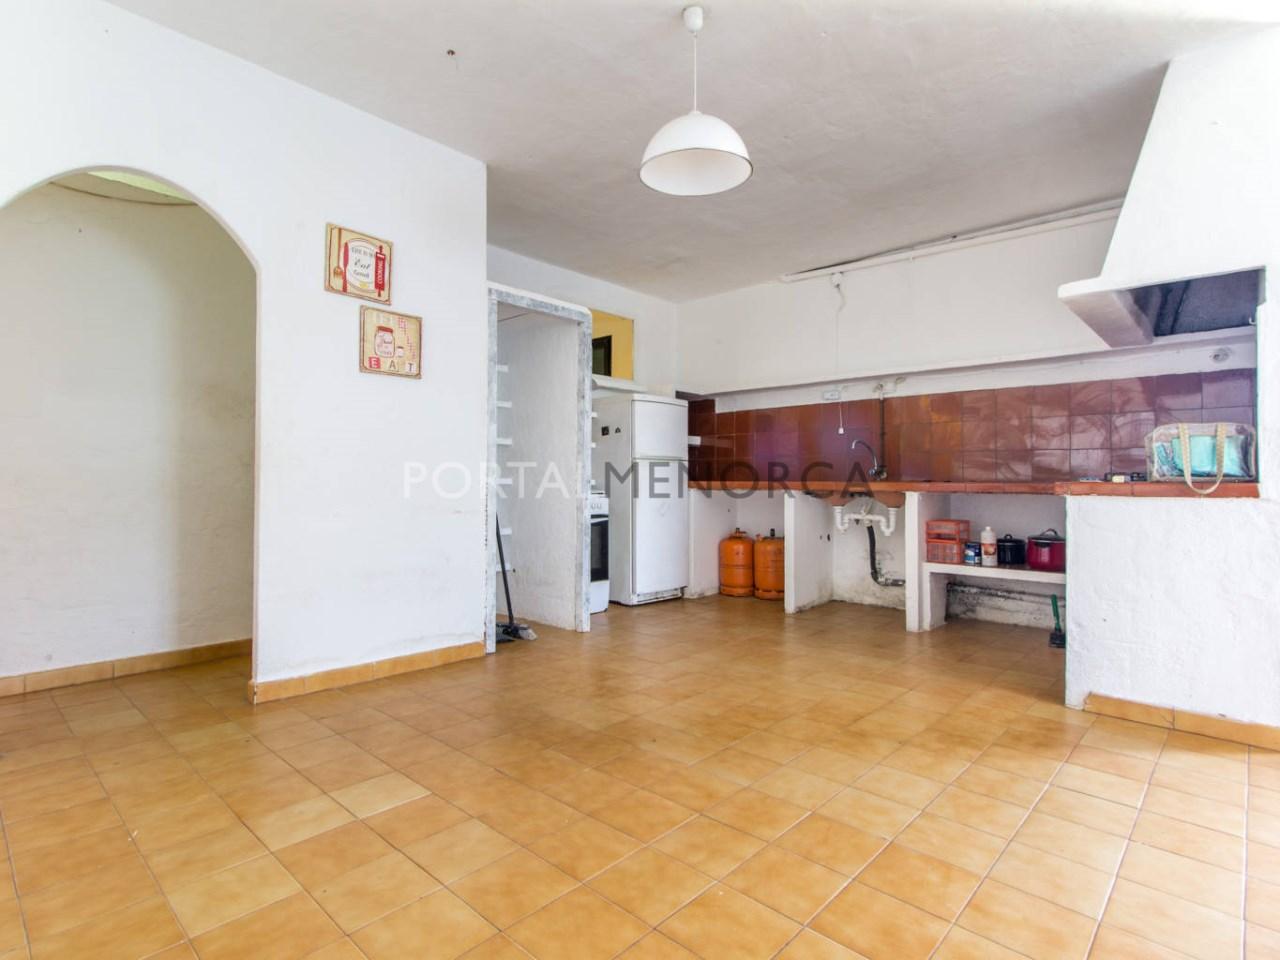 Apartamento en planta baja en venta cerca de la playa d'Es Grau